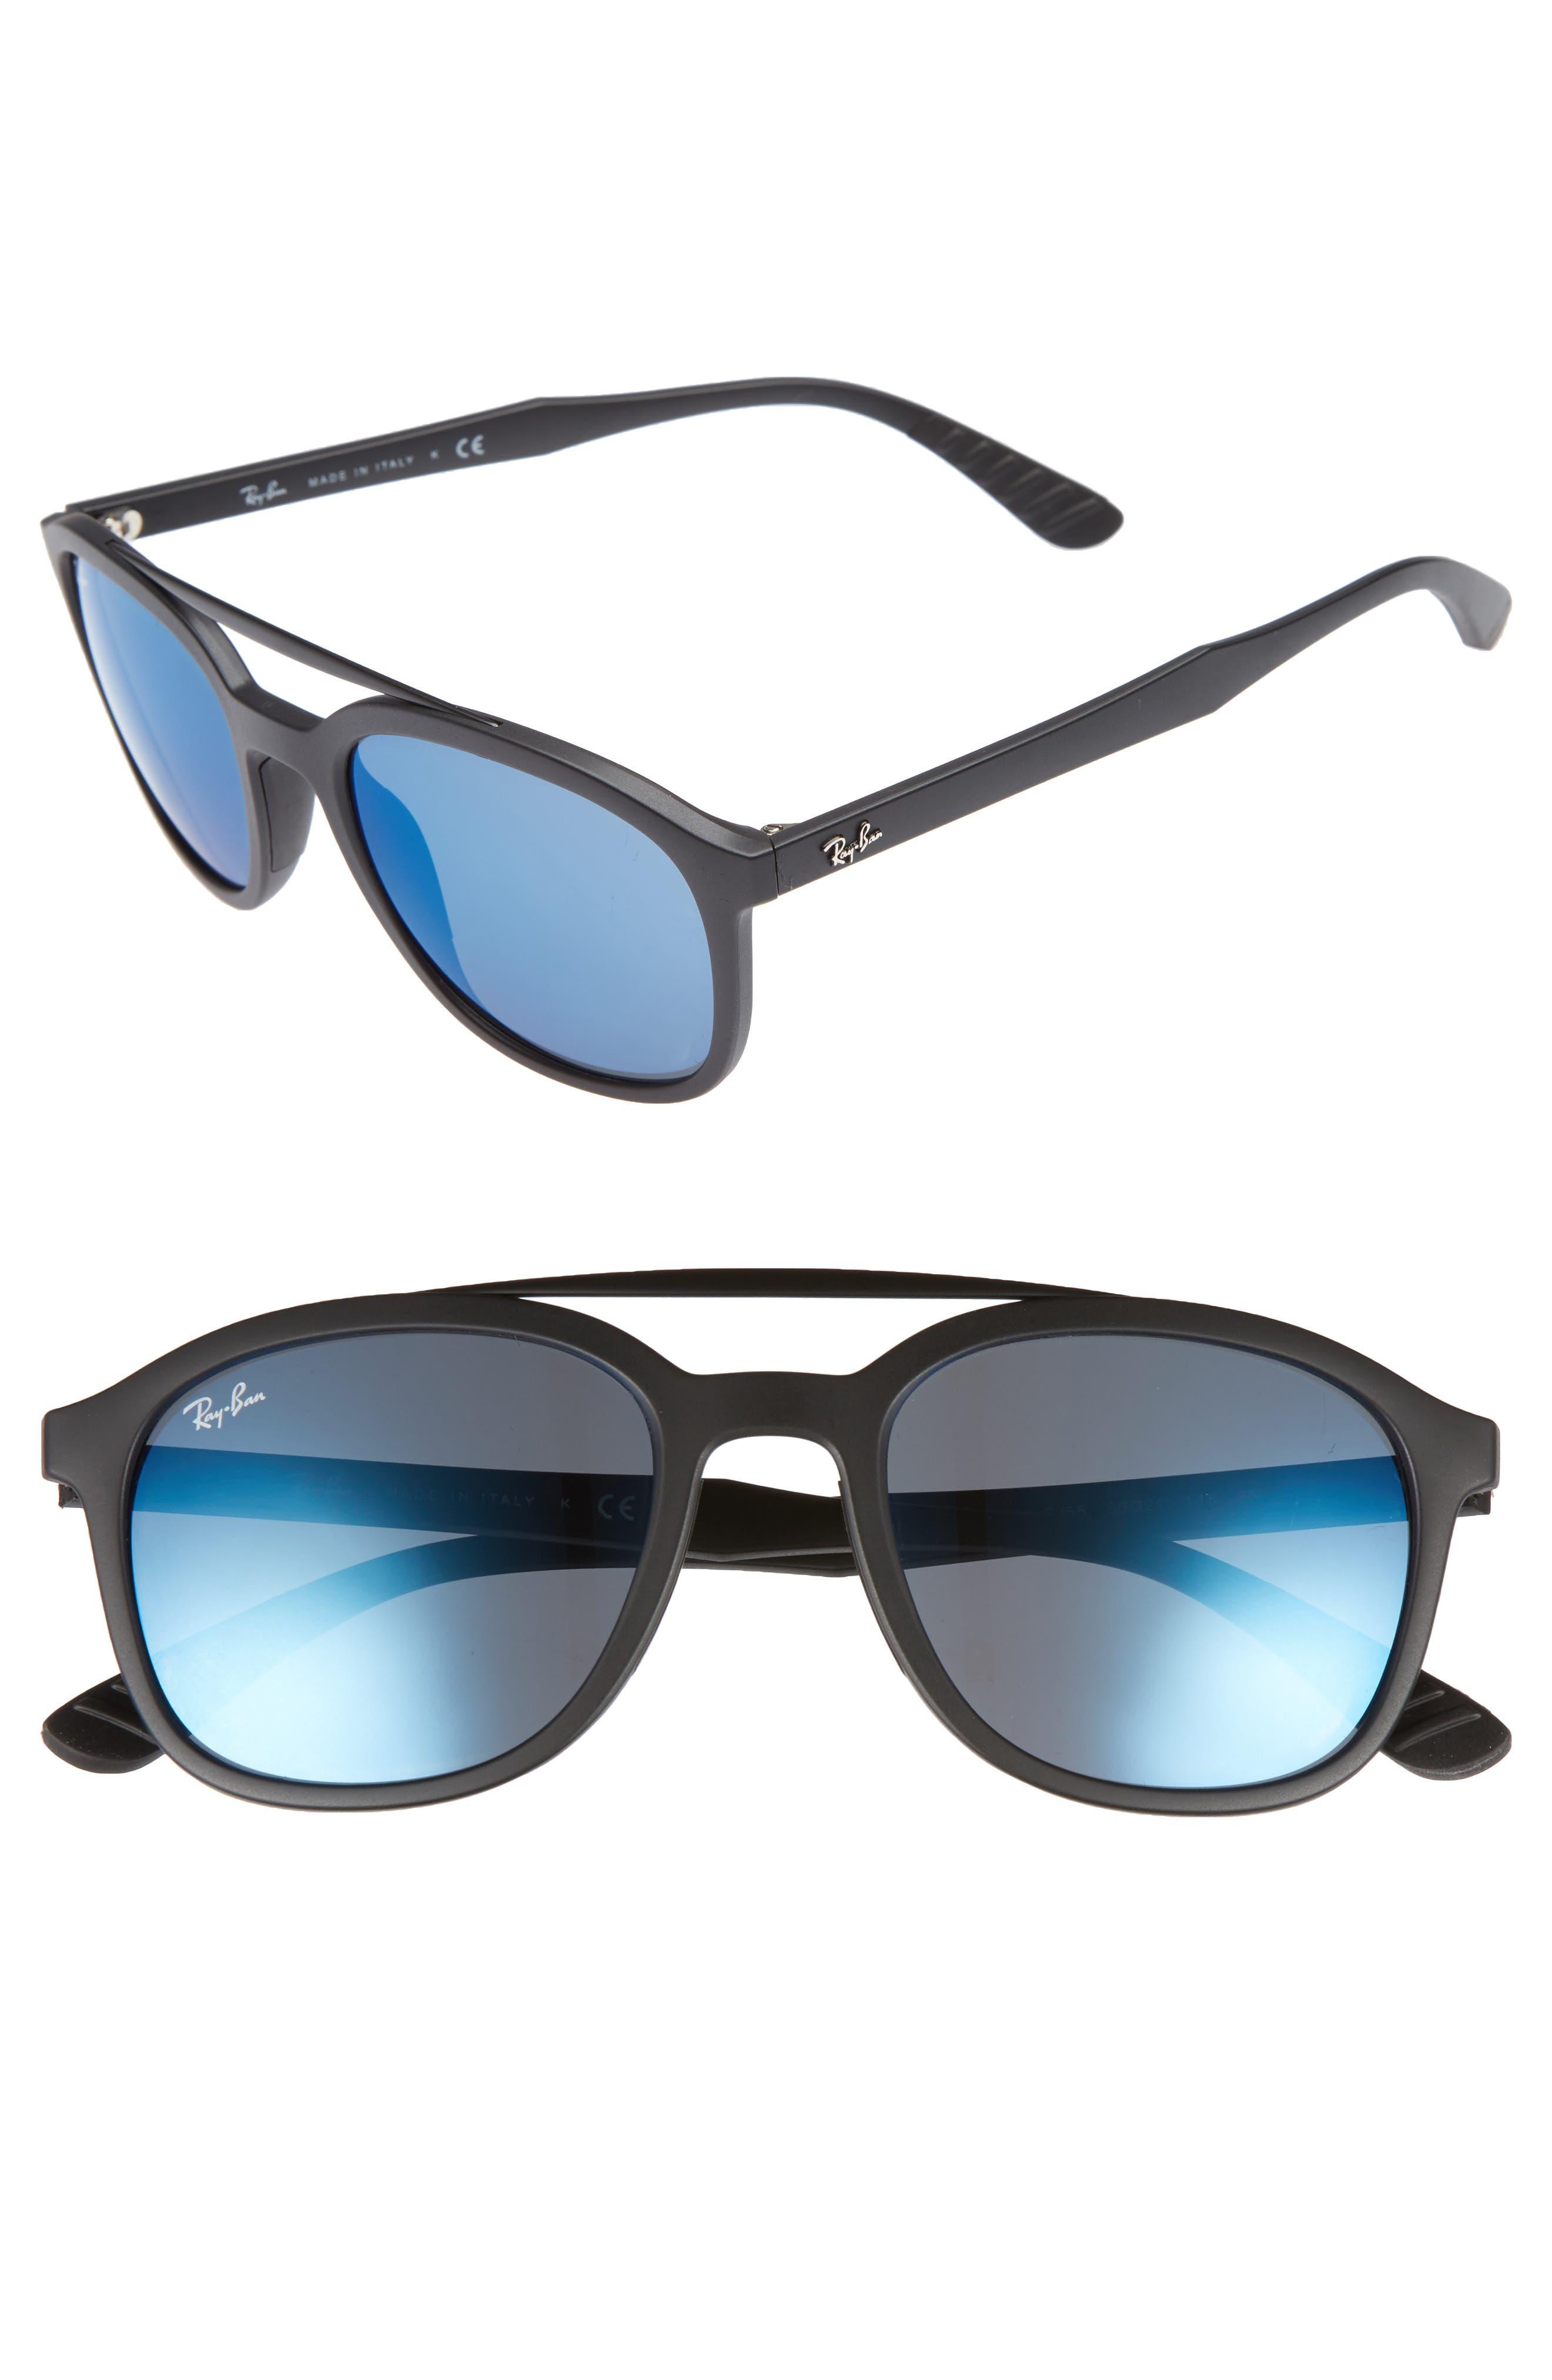 Active Lifestyle 53mm Sunglasses,                             Main thumbnail 1, color,                             BLACK/ BLUE